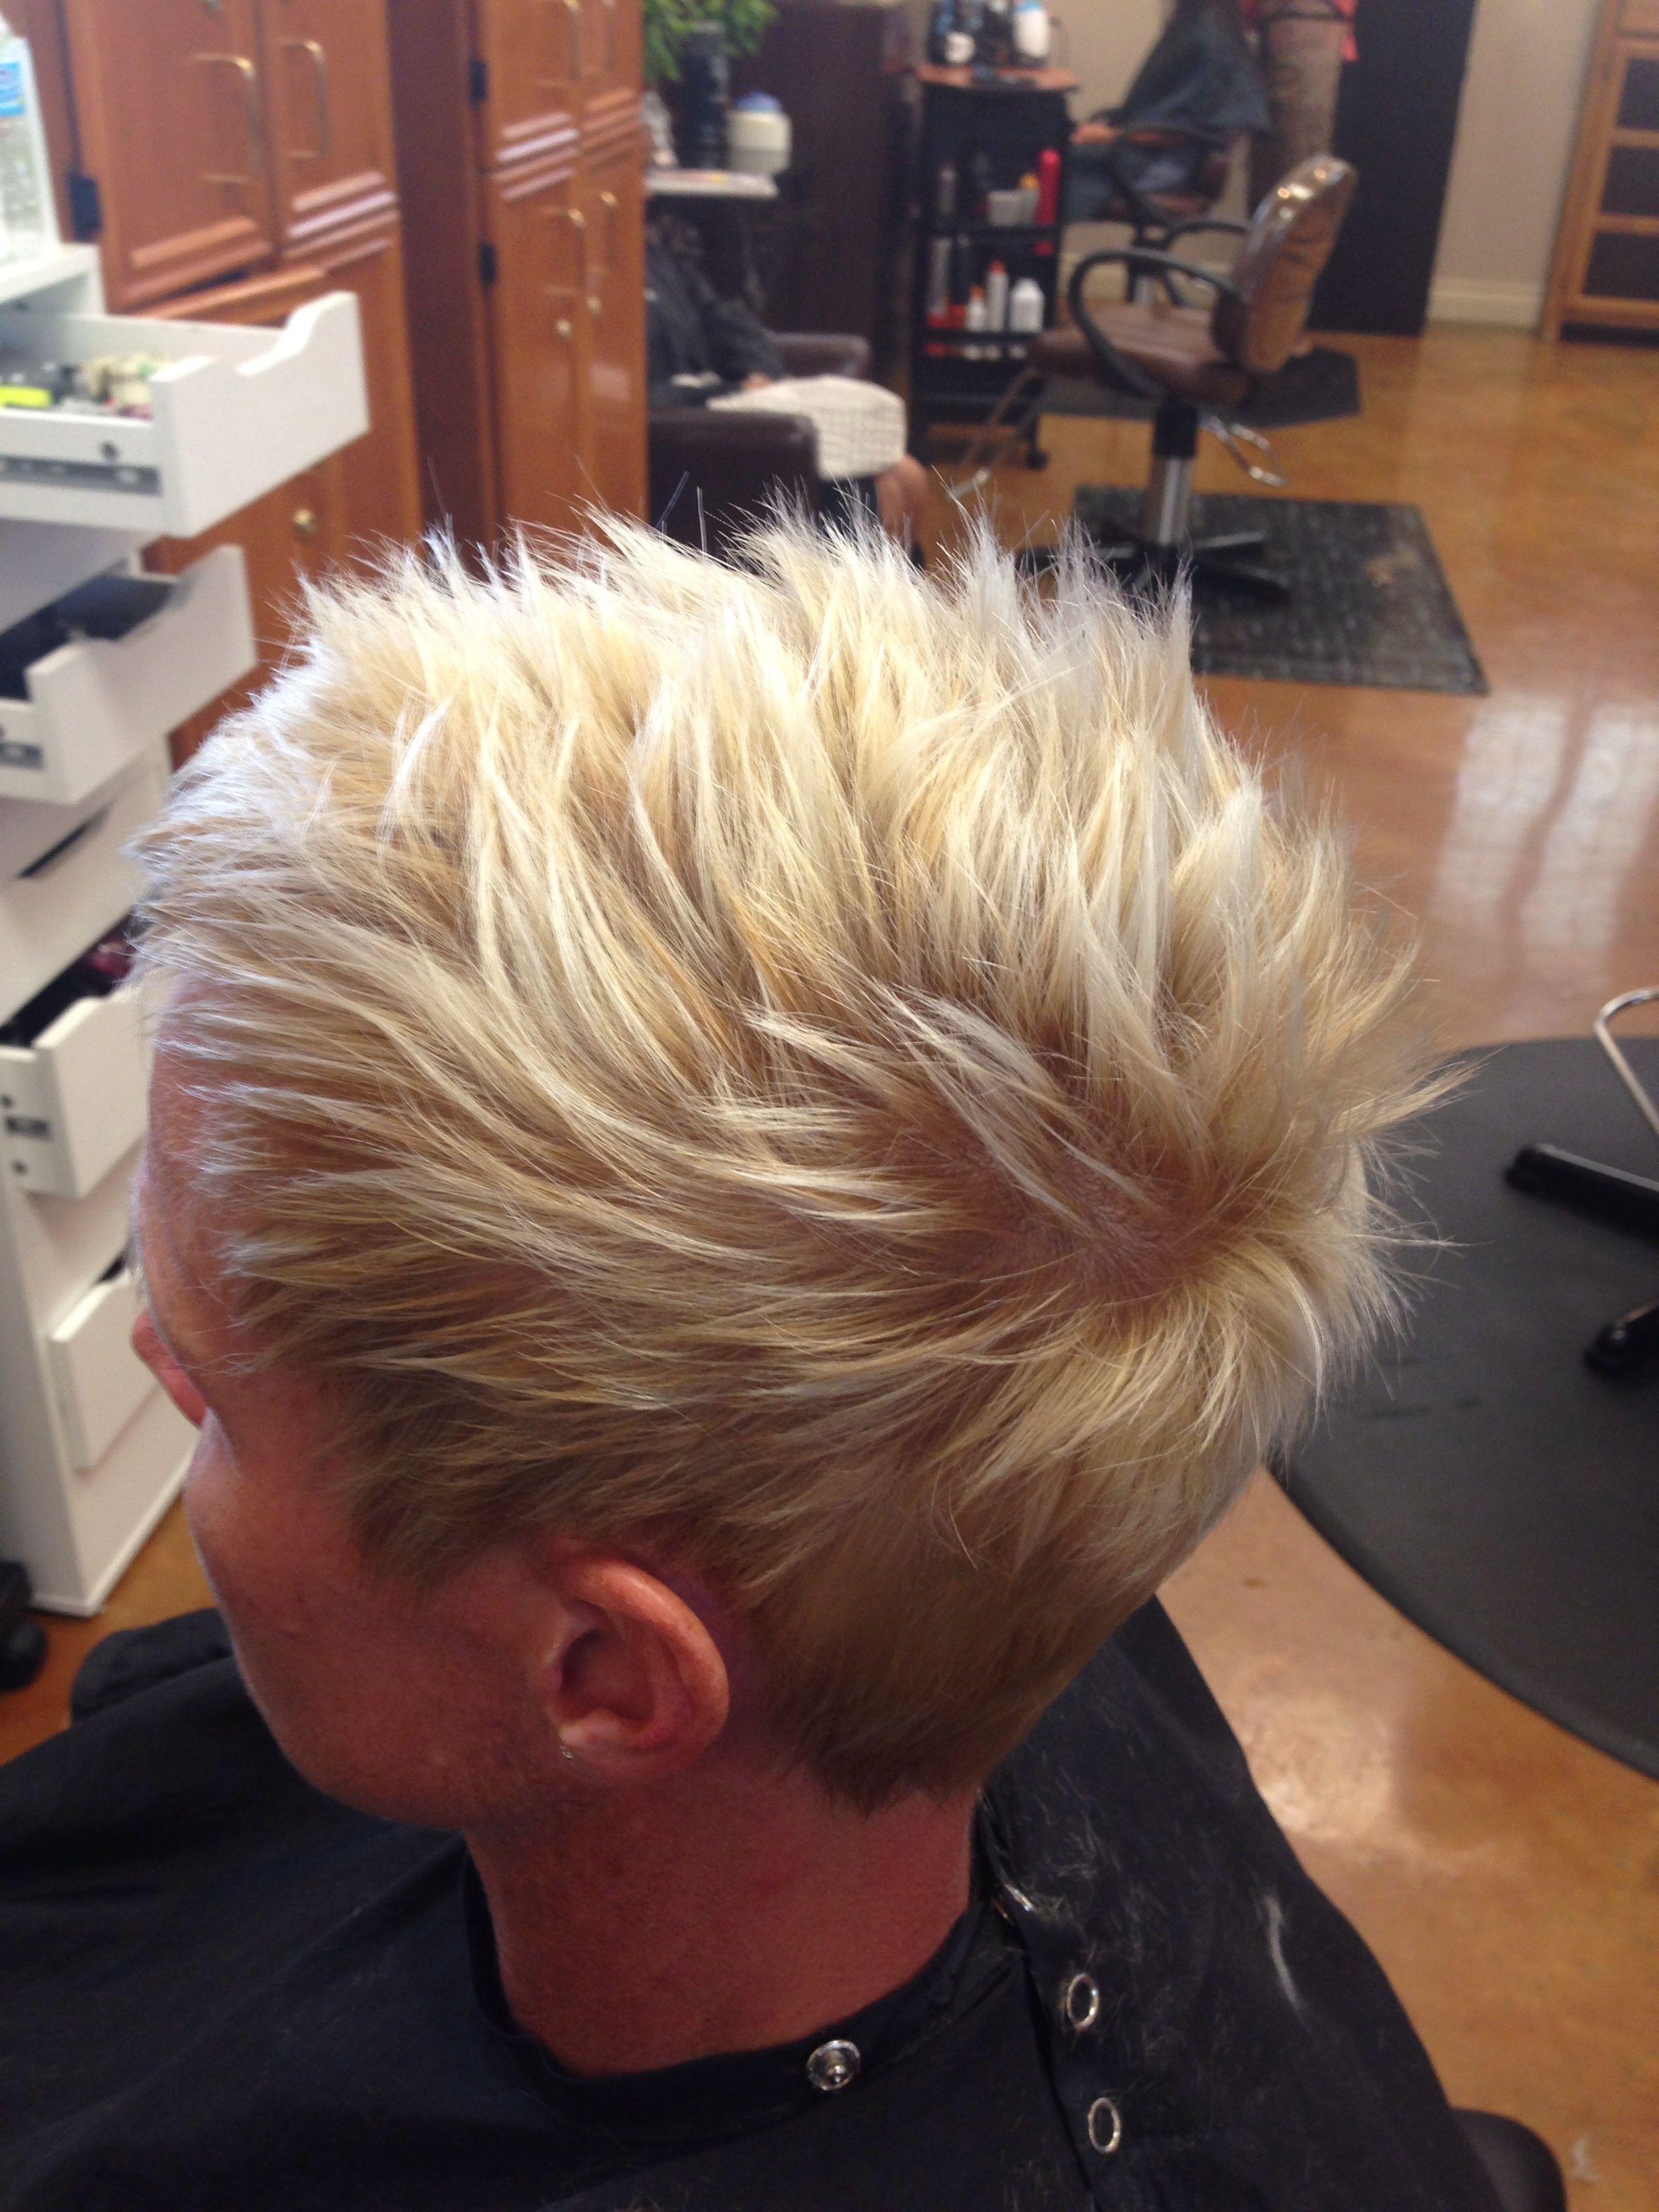 Rufsete kort hår